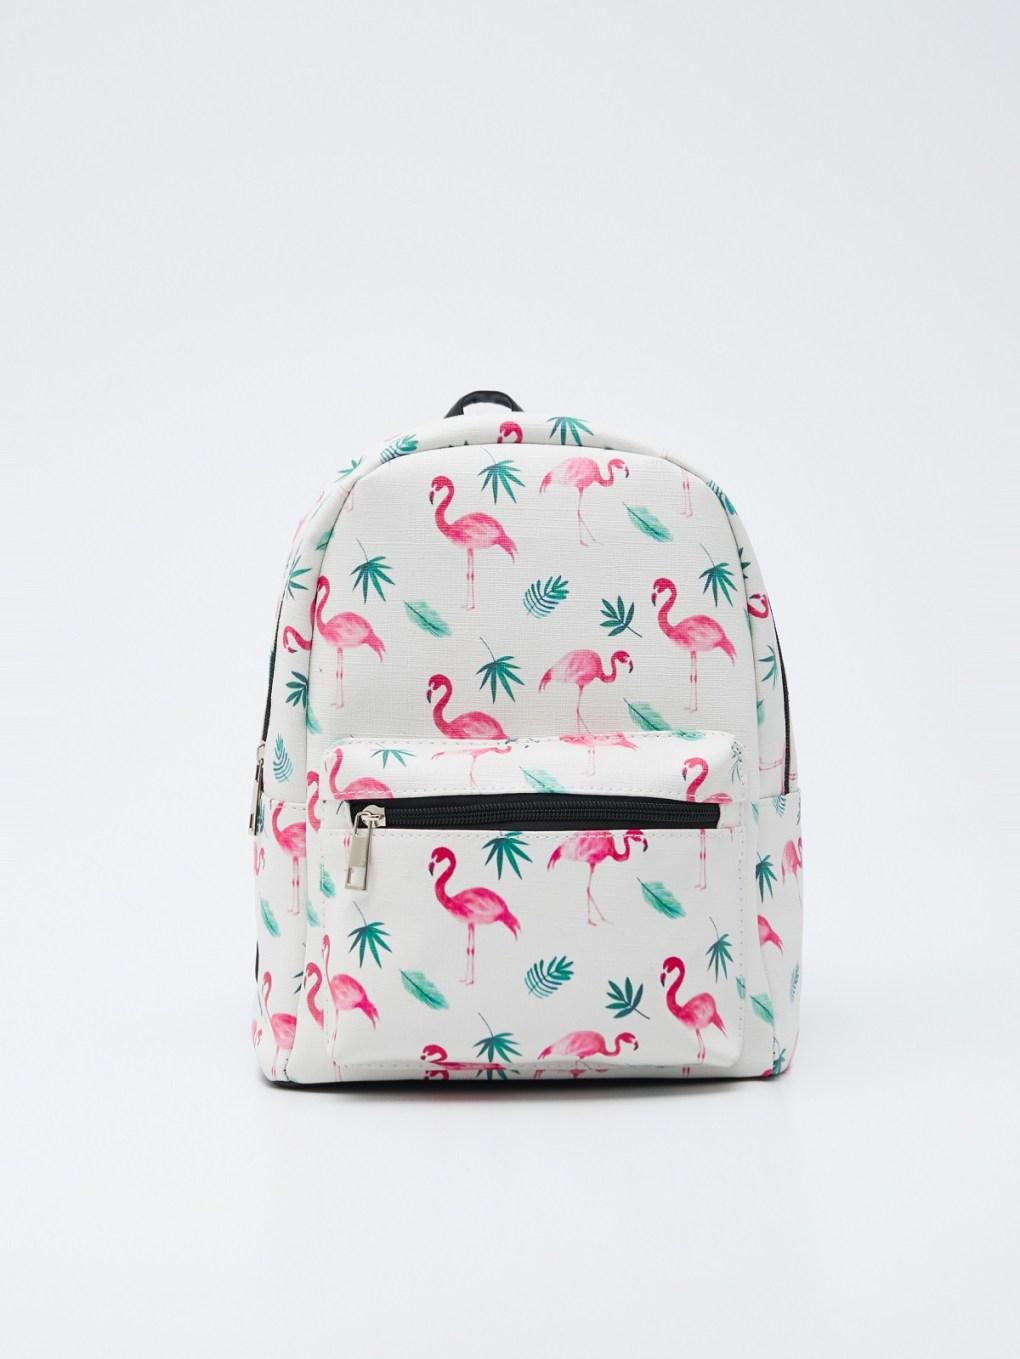 sportowy-plecak-w-modny-print